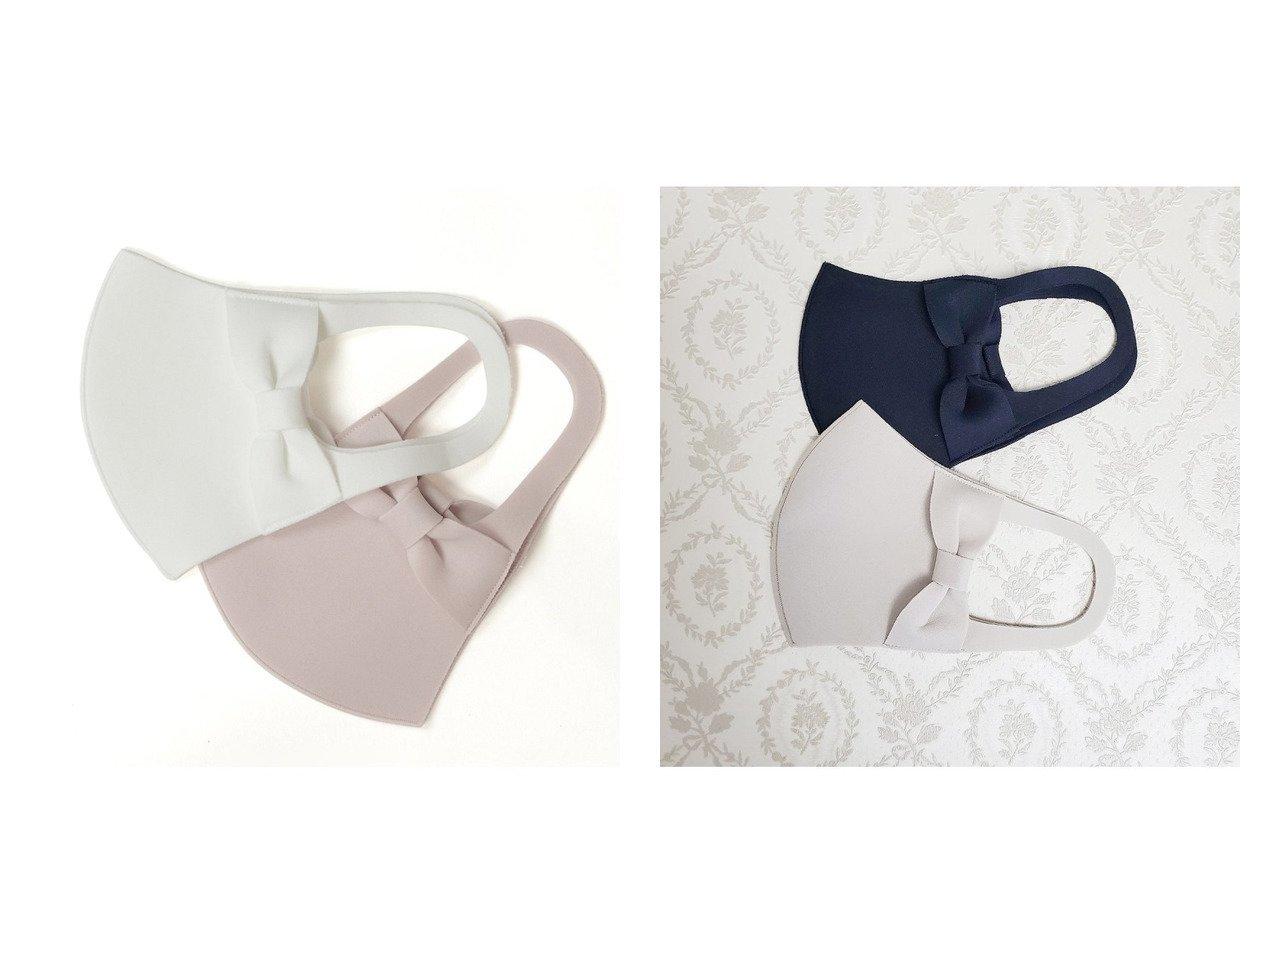 【Rose Tiara/ローズティアラ】の耳が痛くなりにくいマスク リボン 2枚1セット おすすめ!人気、トレンド・レディースファッションの通販 おすすめで人気の流行・トレンド、ファッションの通販商品 インテリア・家具・メンズファッション・キッズファッション・レディースファッション・服の通販 founy(ファニー) https://founy.com/ ファッション Fashion レディースファッション WOMEN ギャザー 吸水 抗菌 パターン フィット フェミニン フリル プリント リボン |ID:crp329100000064094